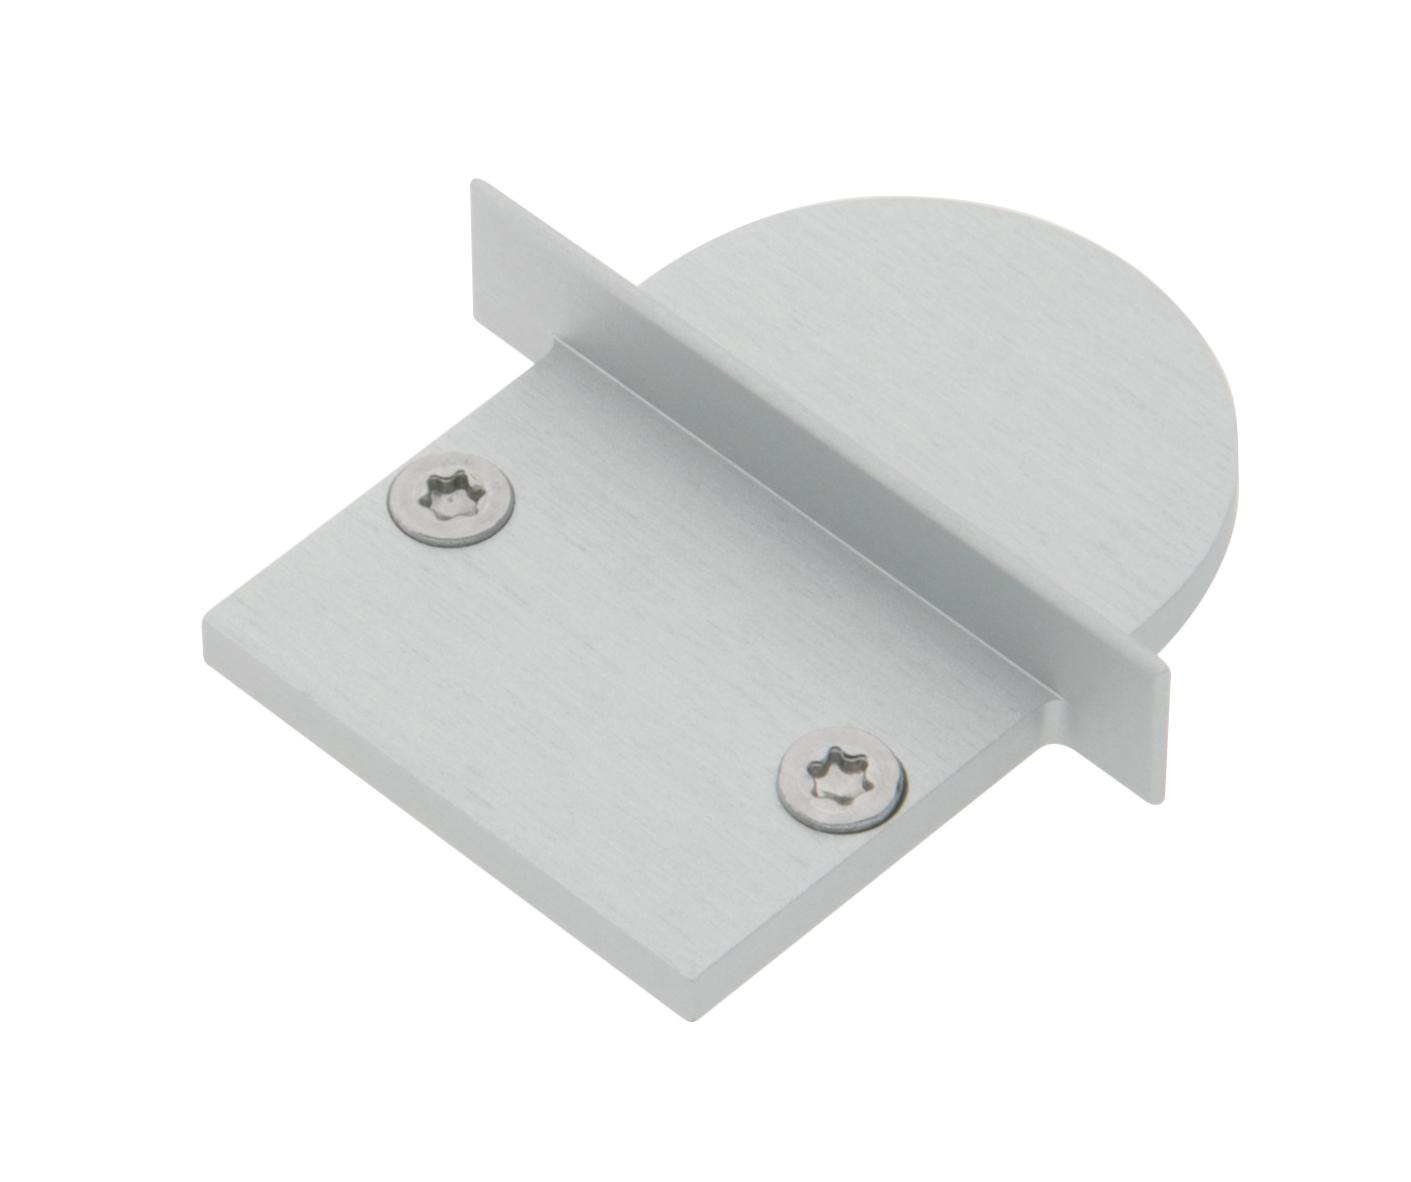 1 Stk Profil Endkappe TBJ Rund geschlossen inkl. Schrauben LIEK002910